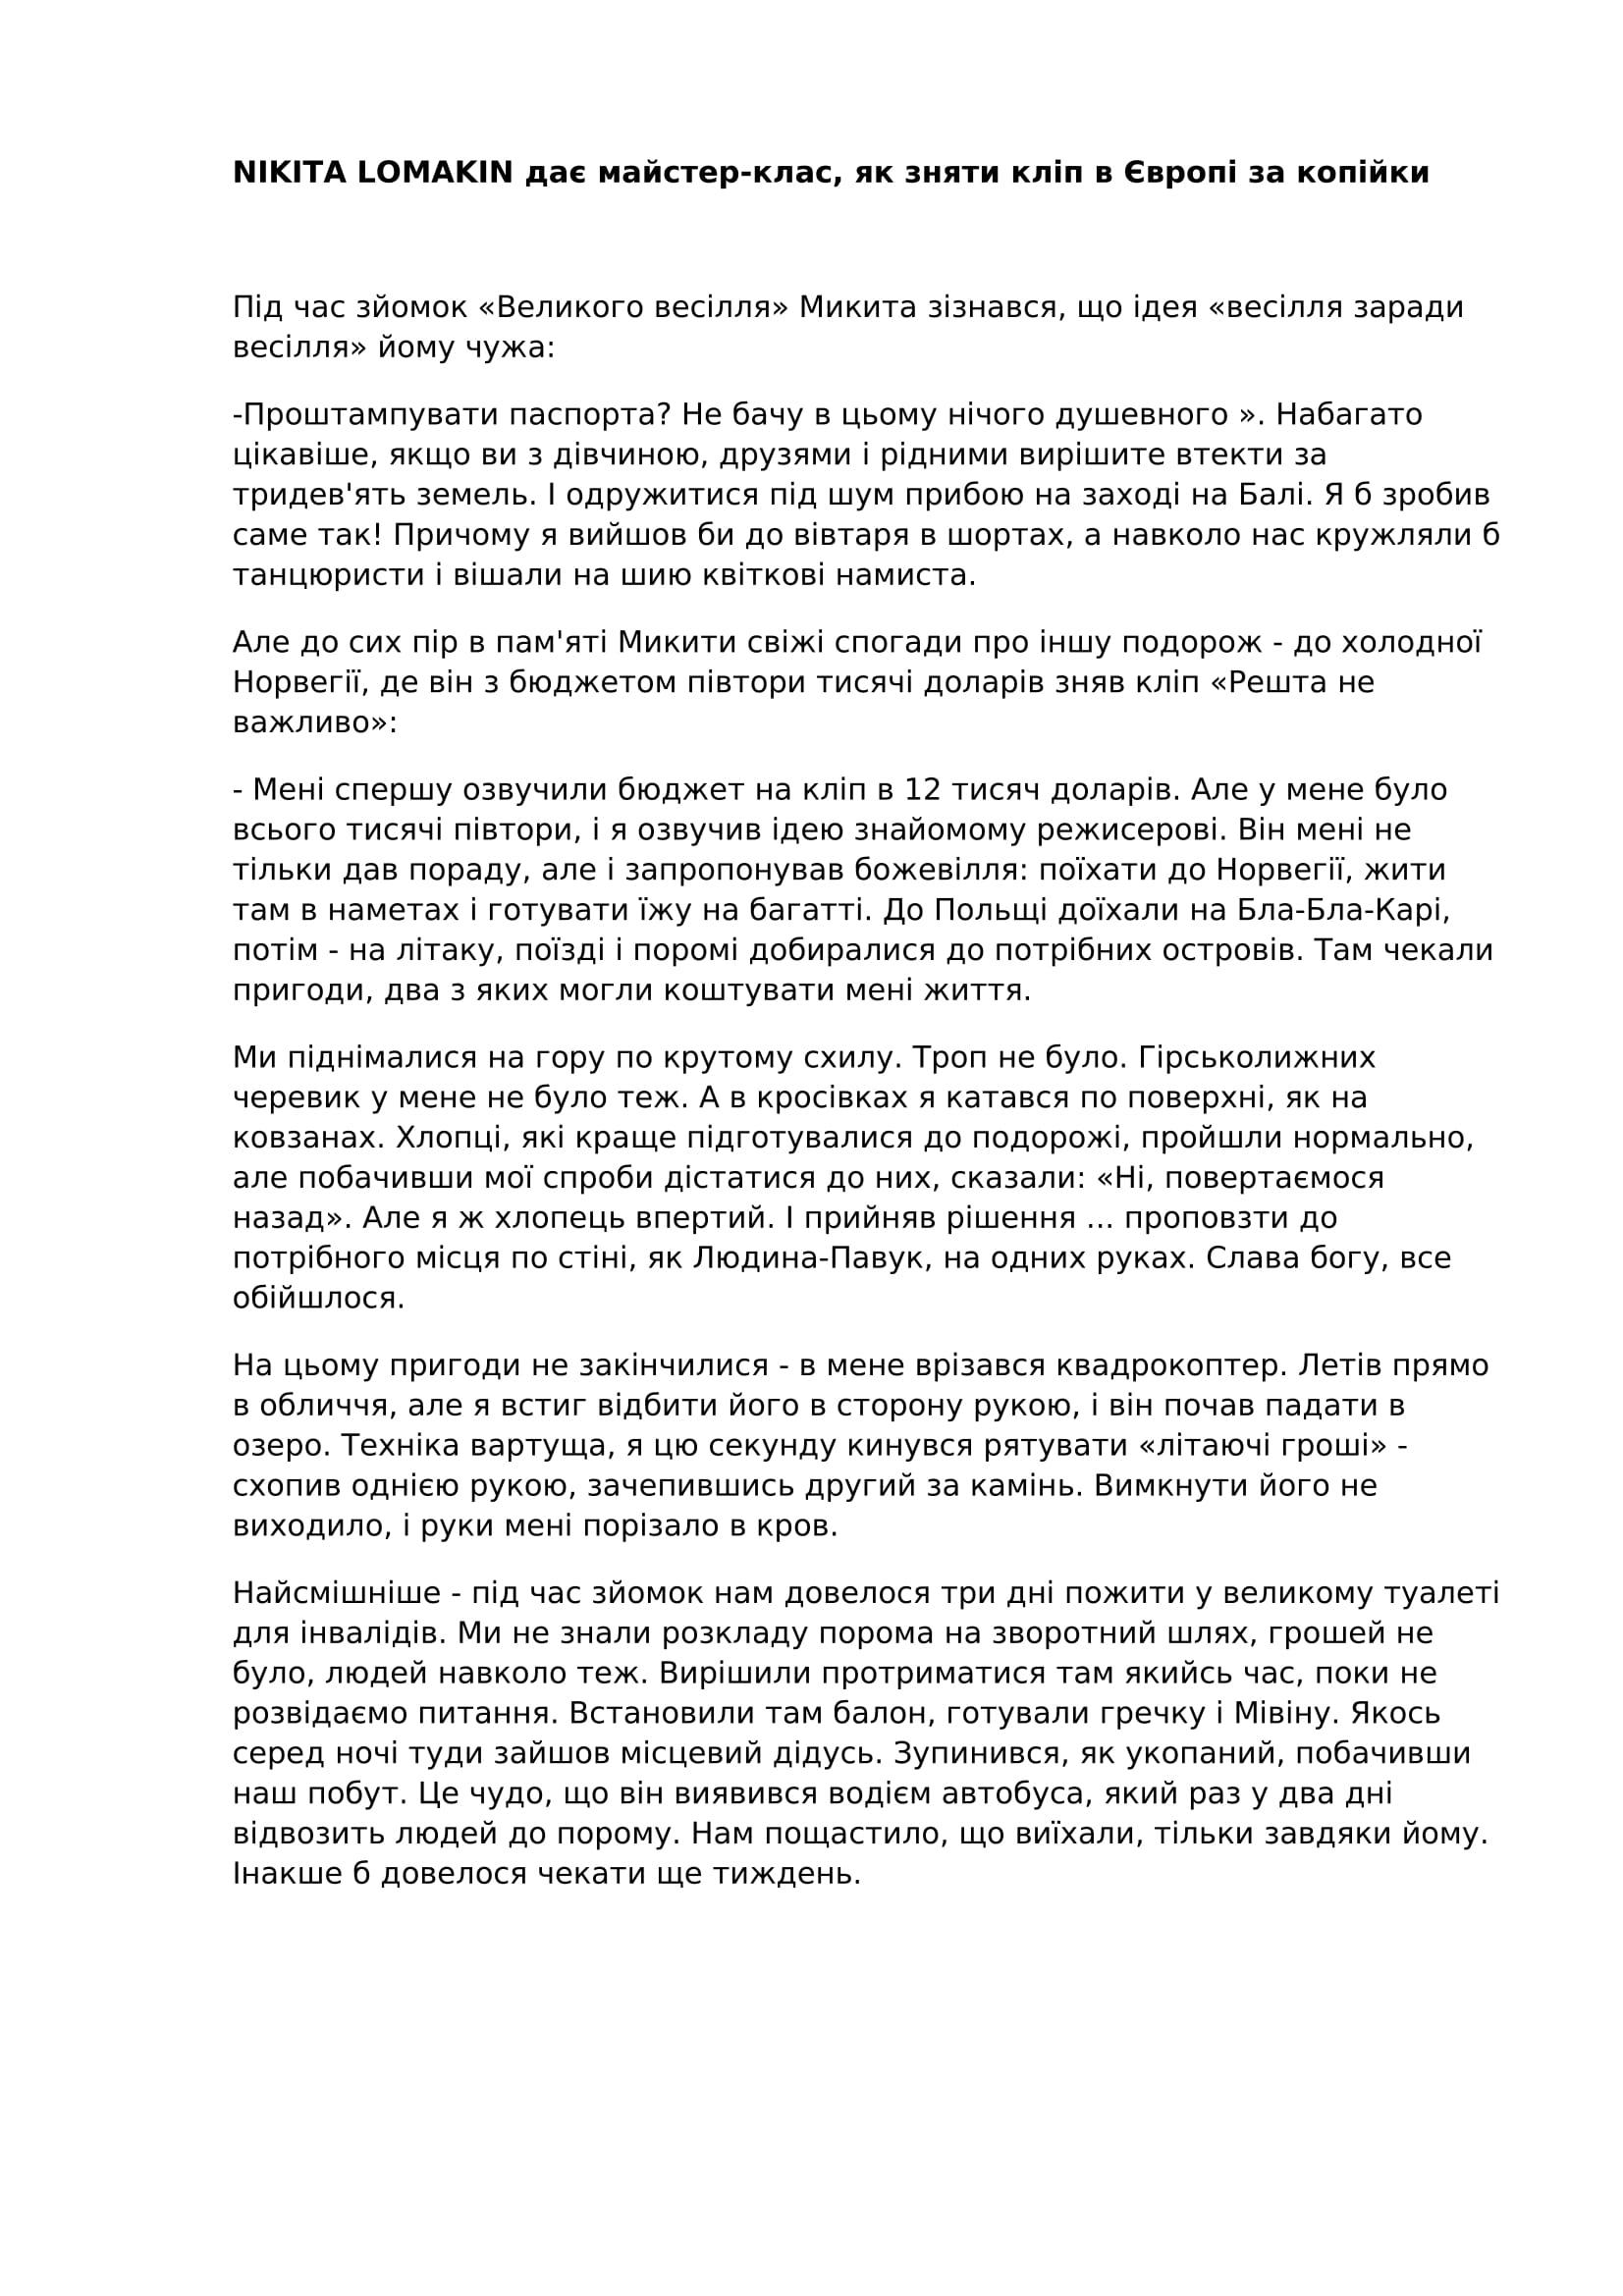 Фото Перевод текста с английского на русский. Все, как обычно,выполнено быстро и качественно.